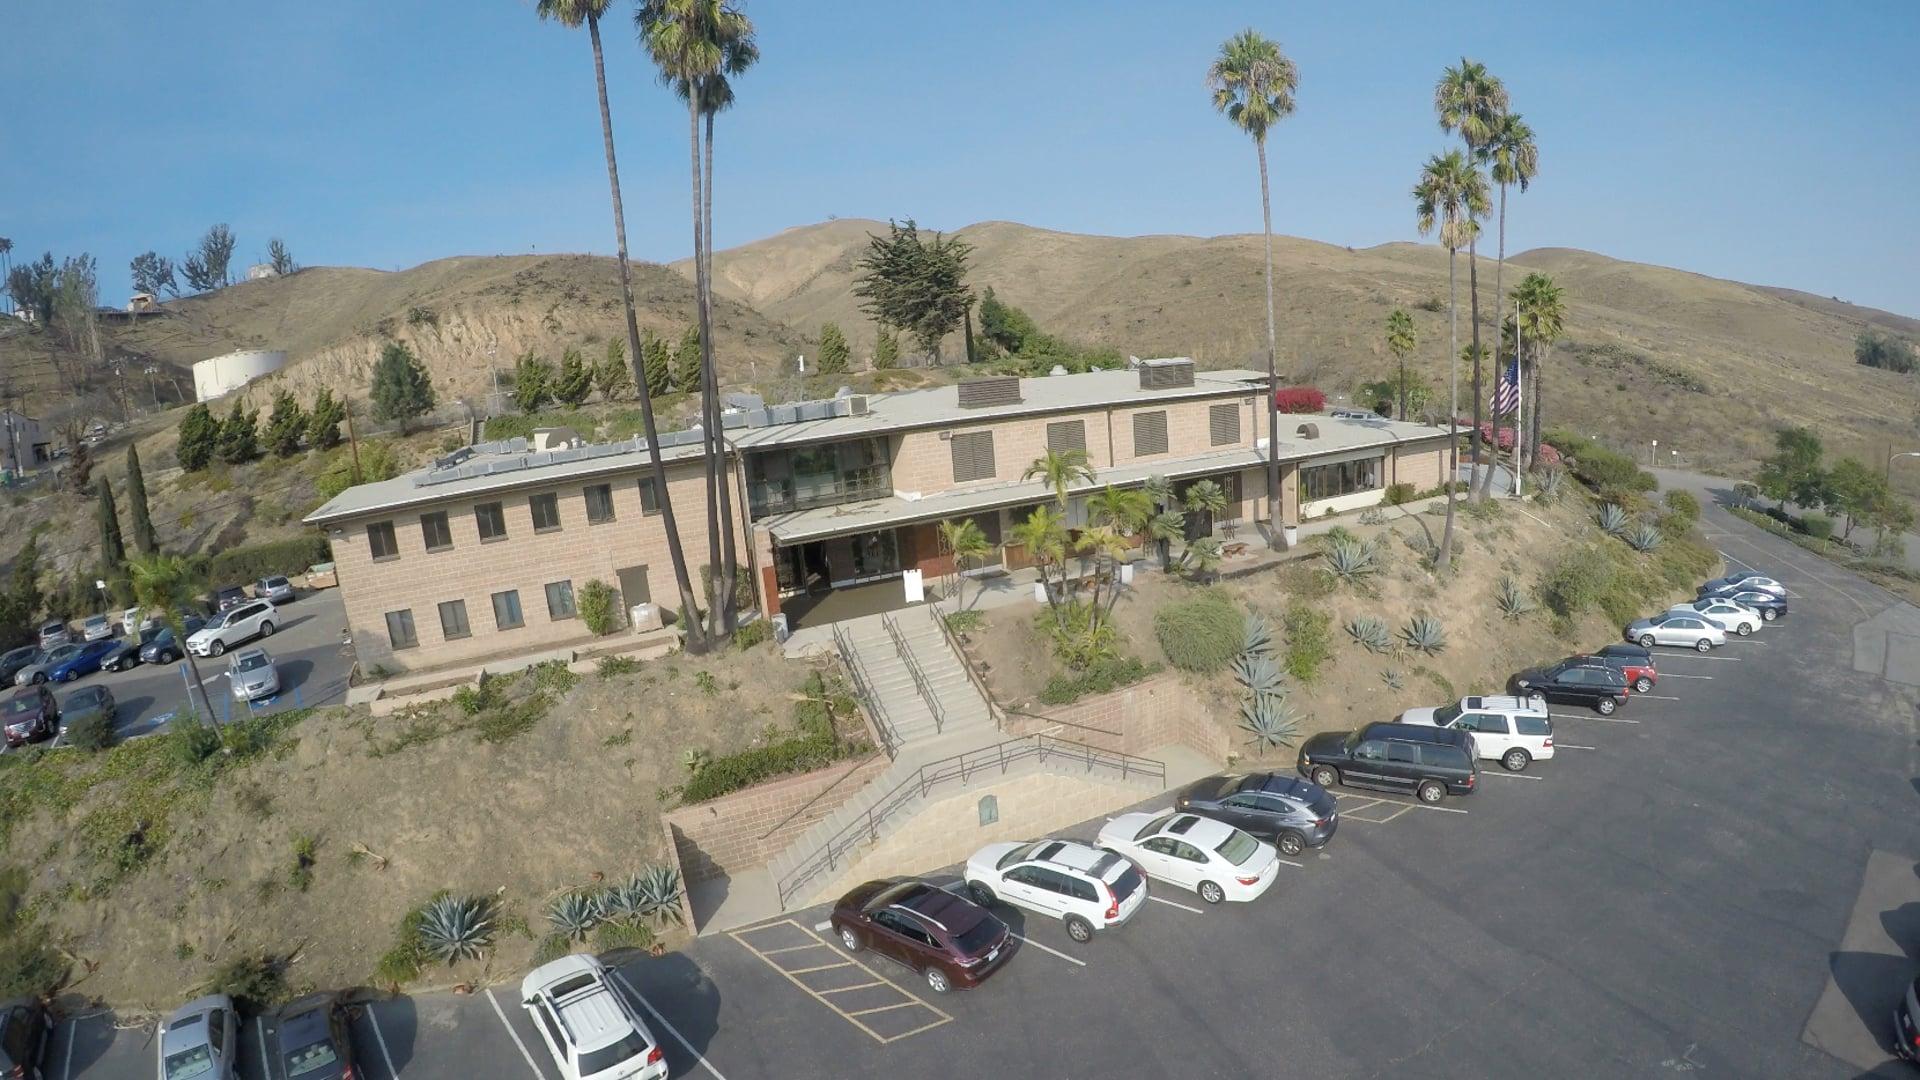 Poinsettia Pavilion Ventura Venue Tour 4K